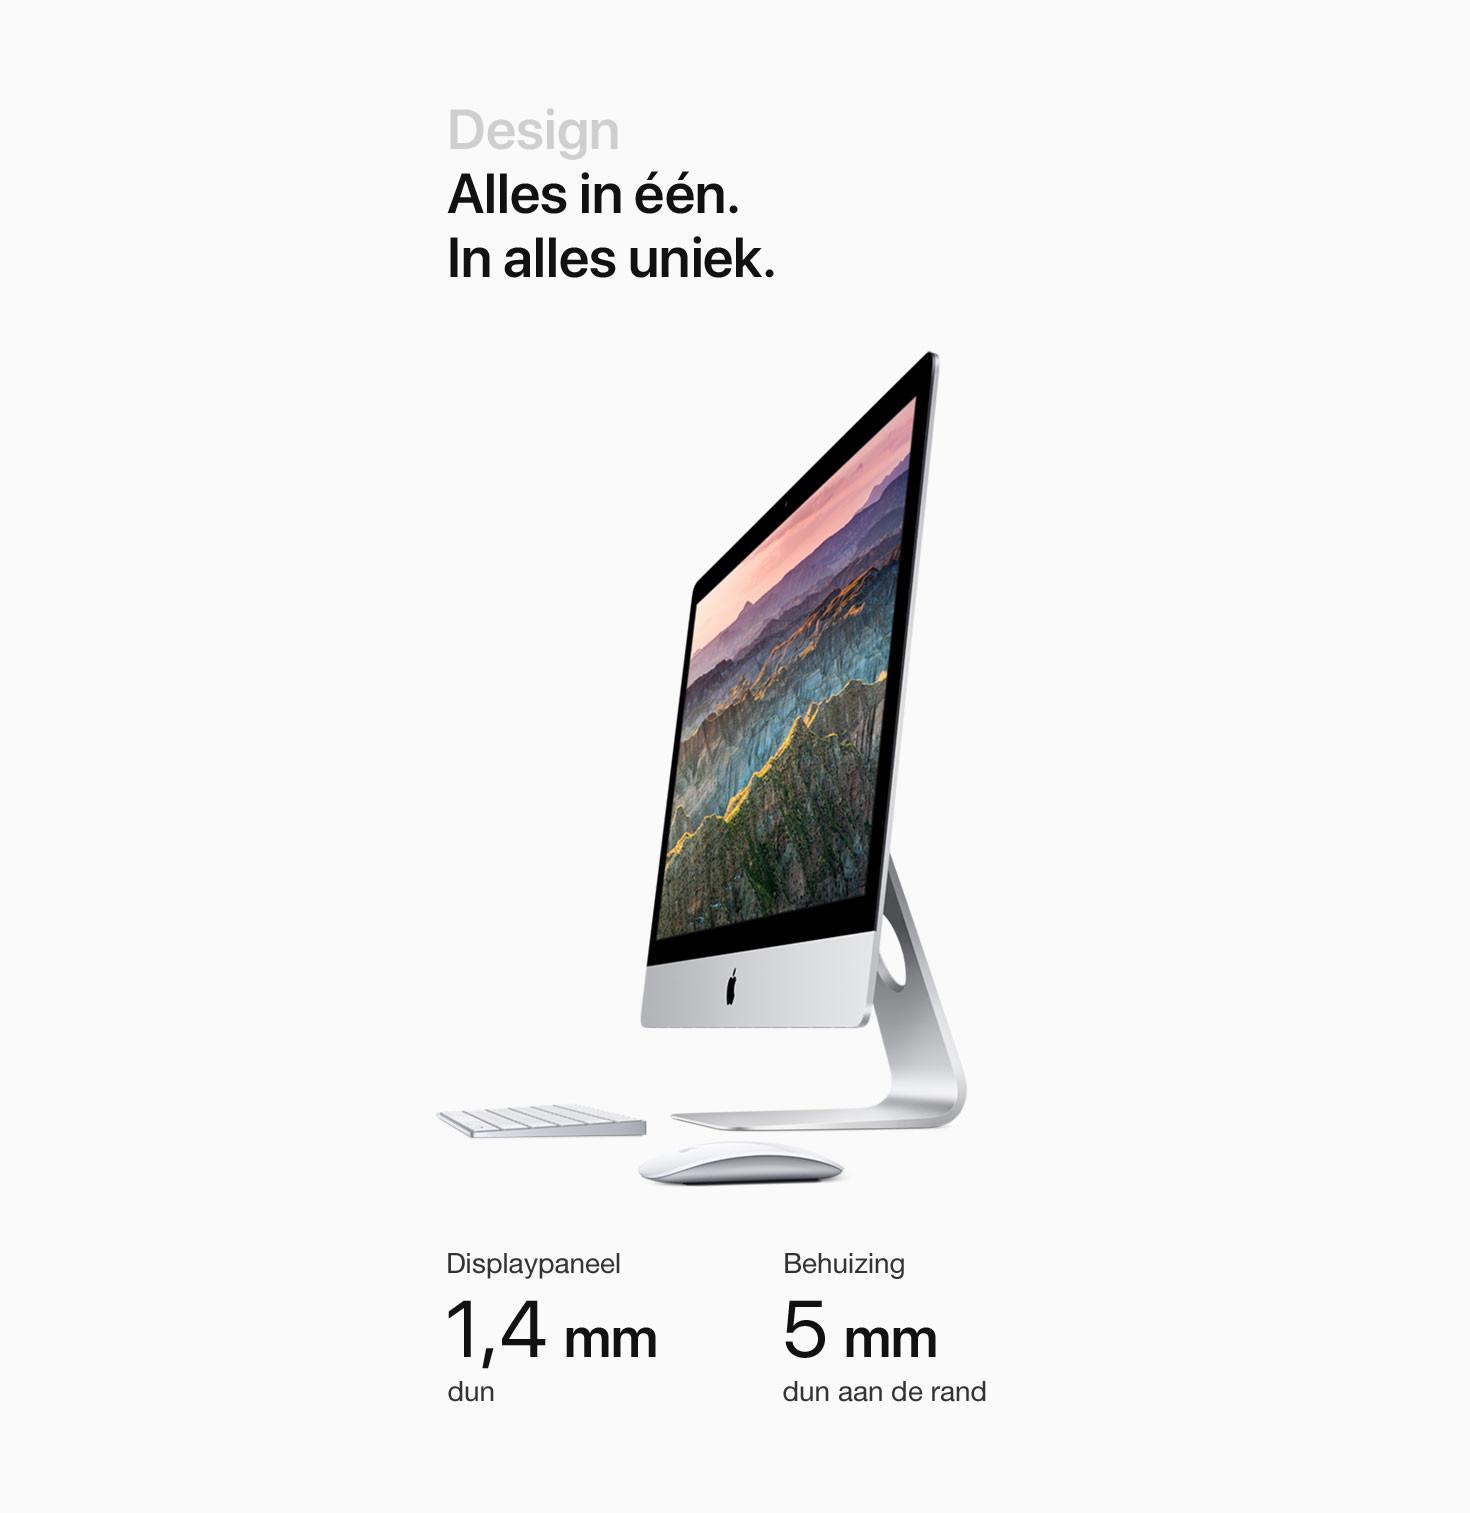 iMac2019-nl-mobile_07.jpg